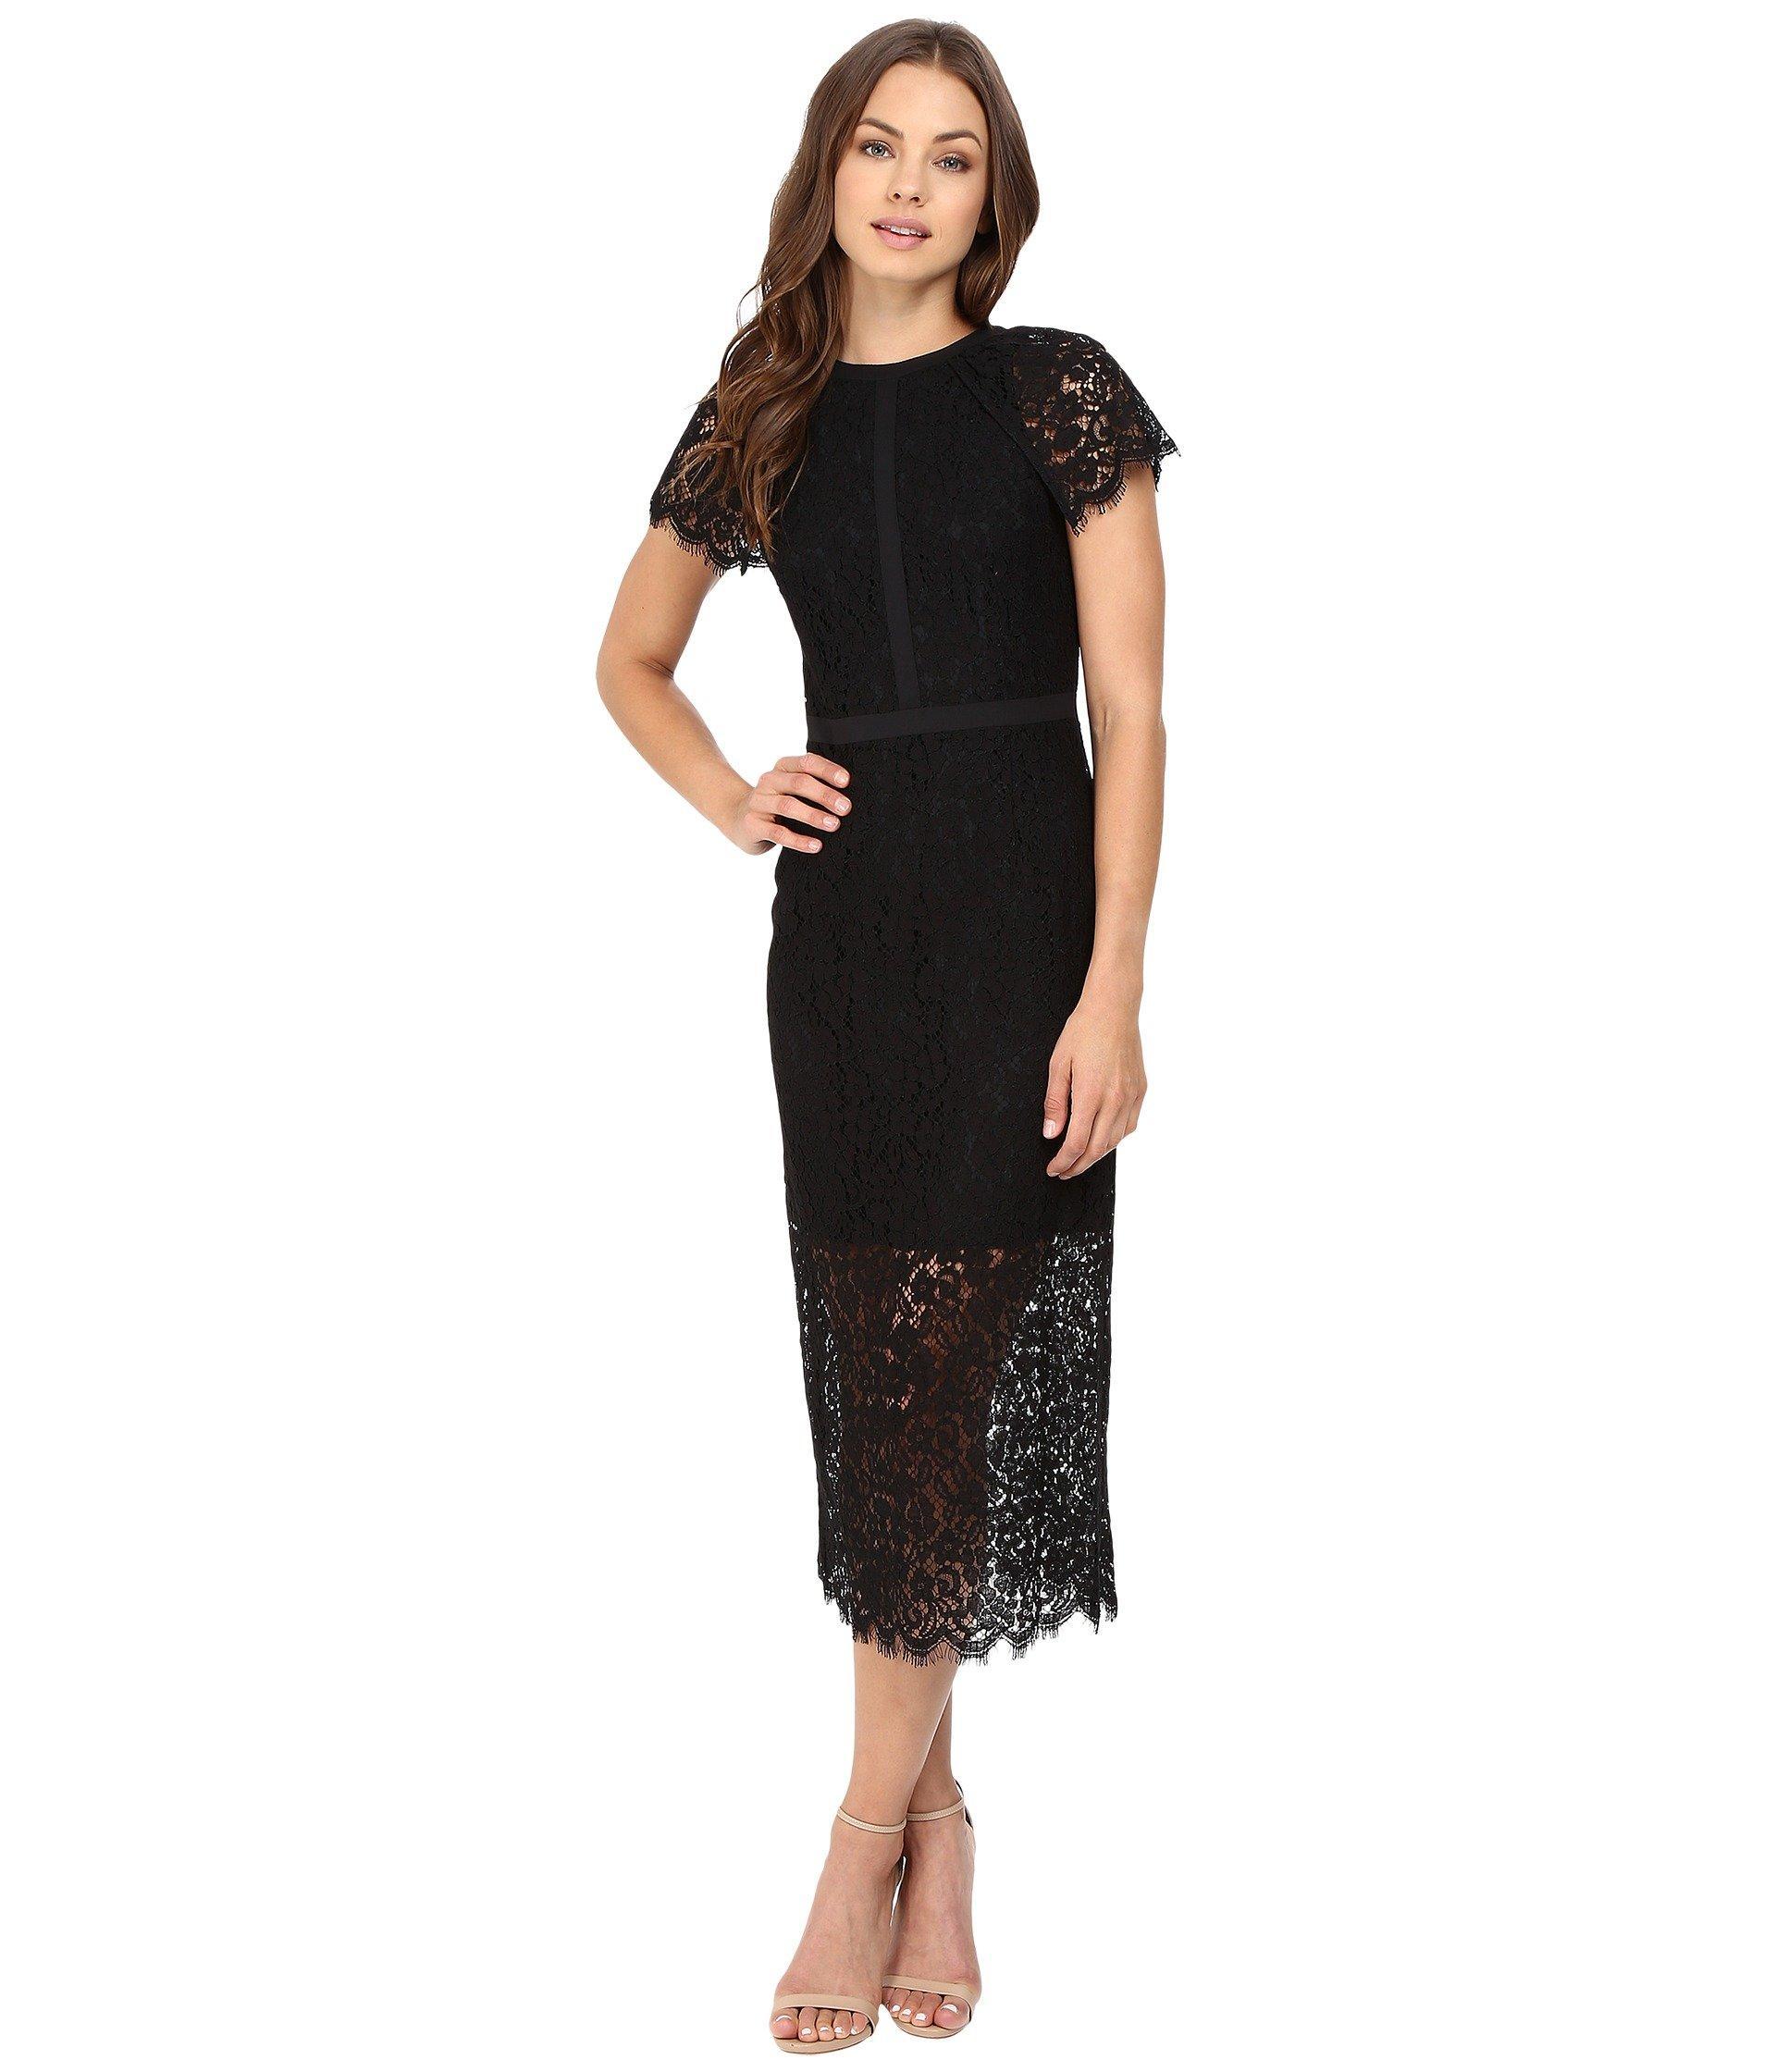 Rachel Zoe Cairo Dress In Black